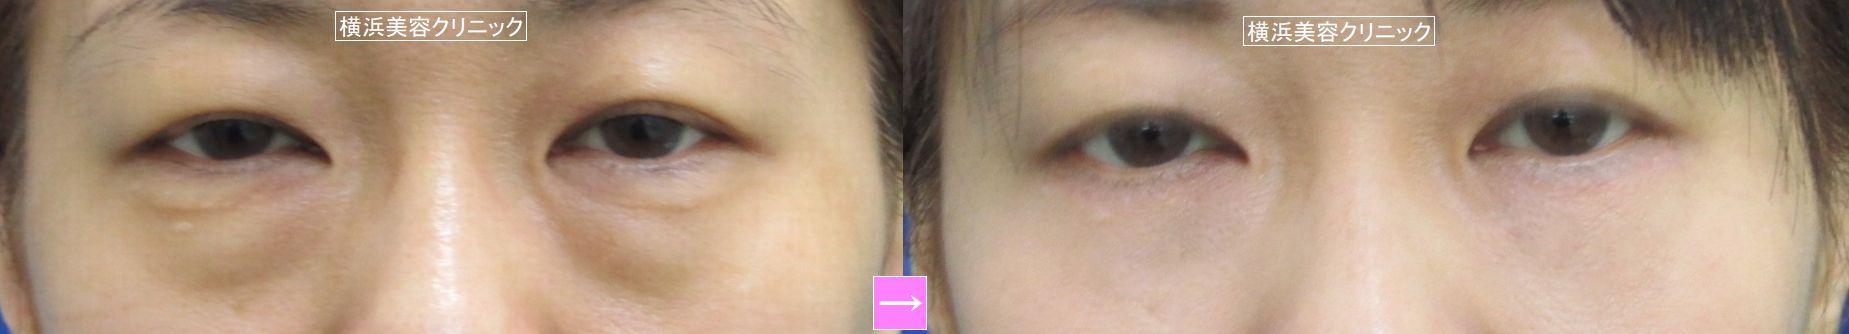 目の下のタルミ取り (画像あり)